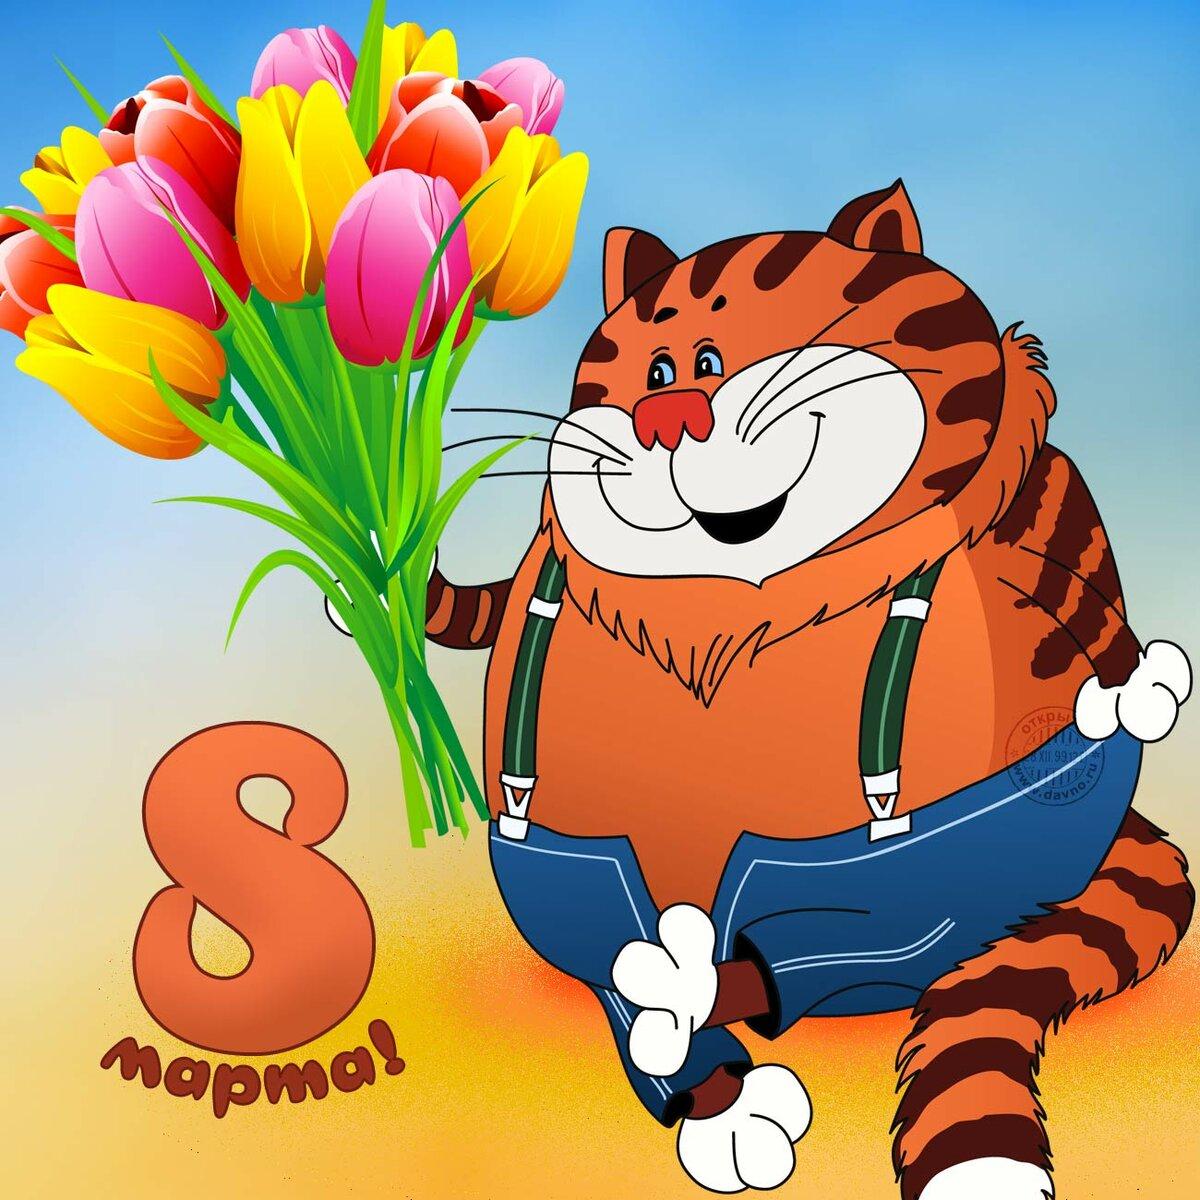 старенькой картинки с поздравлениями на 8 марта прикольные смешные родился